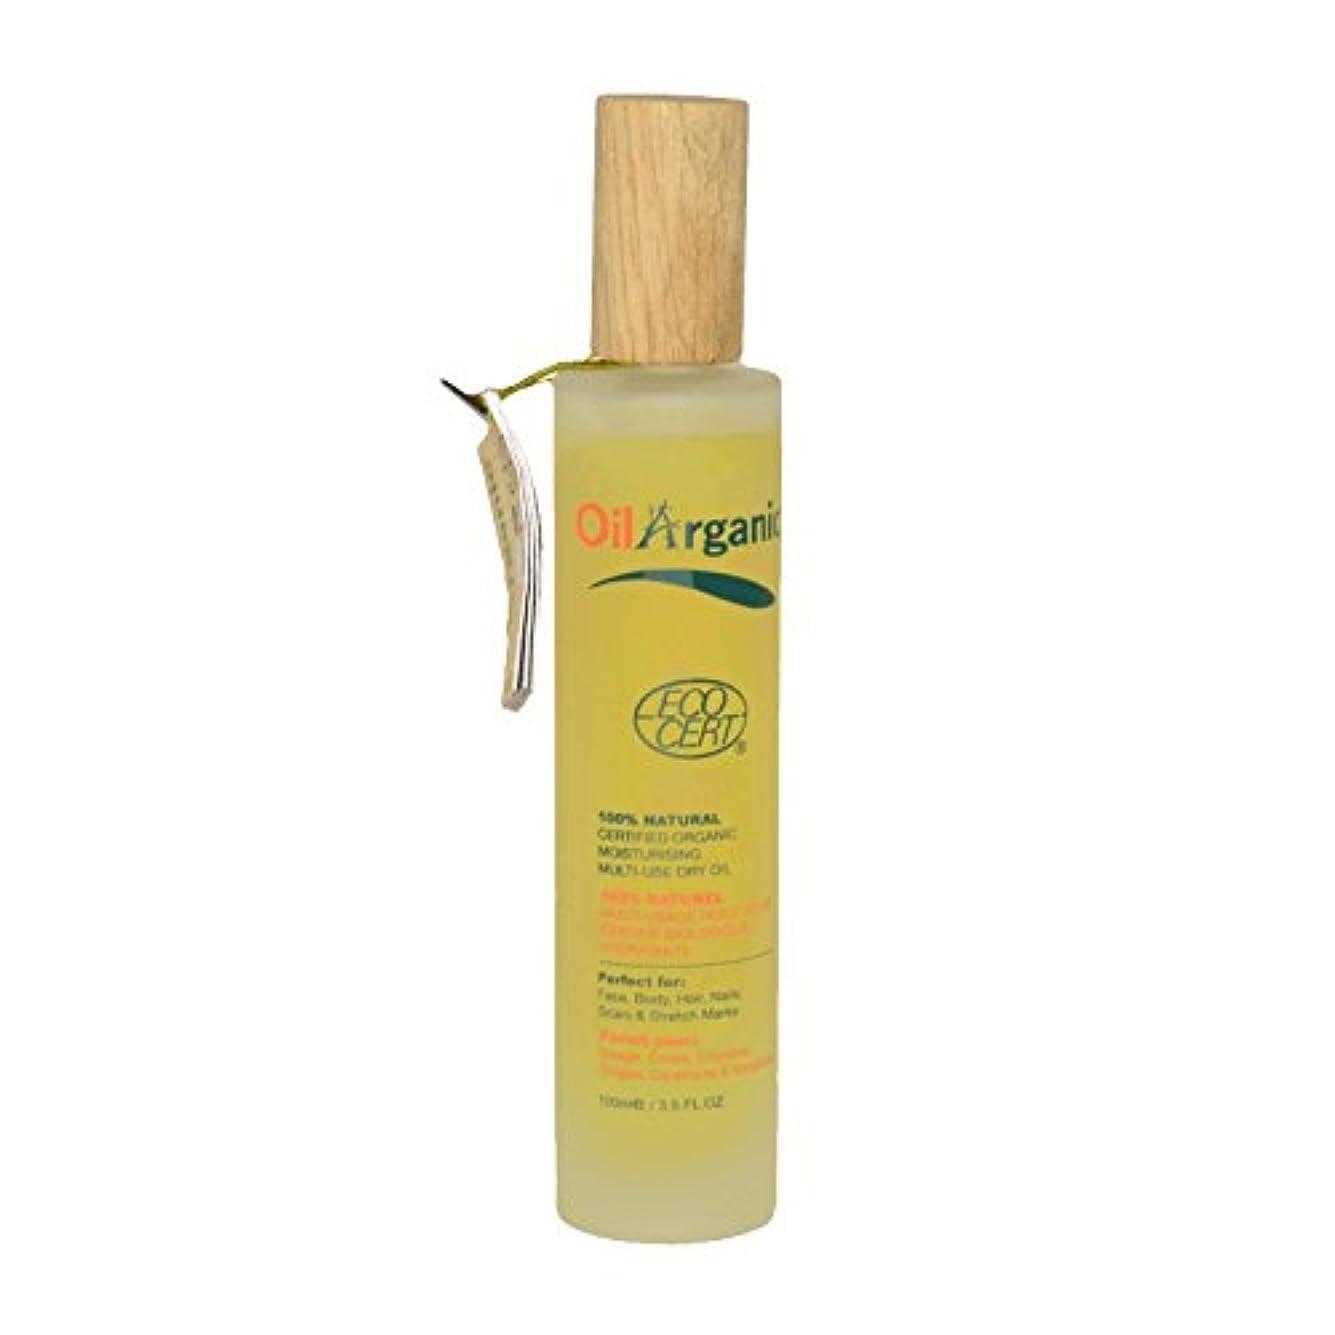 変更可能困難アルファベット順Oilarganicマルチユース乾性油 - OilArganic Multi-Use Dry Oil (OilArganic) [並行輸入品]